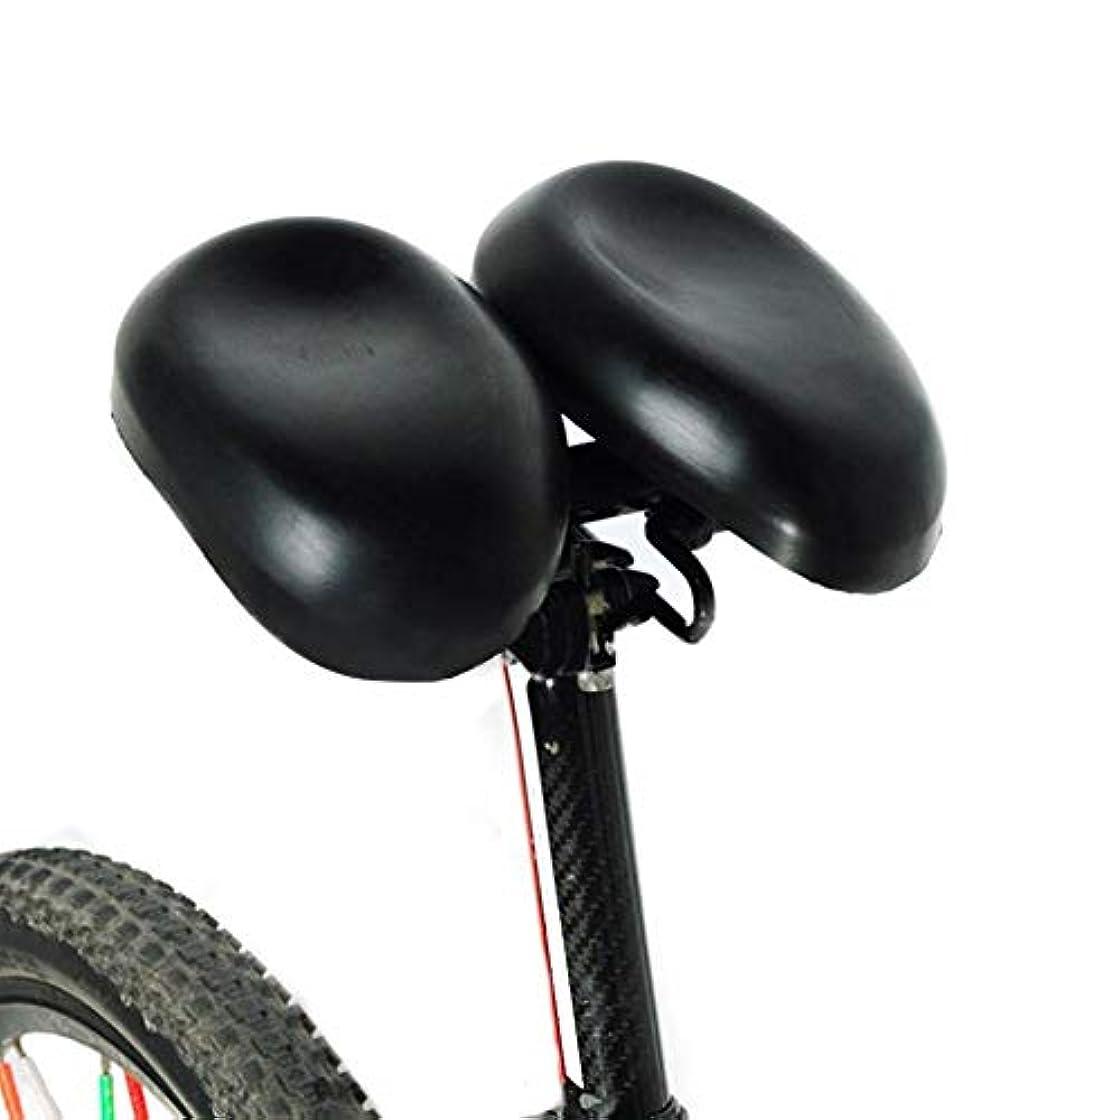 バージン石炭スクラブ自転車シートサドル ロードバイクサドルマウンテンバイク レーシングサドル 通気性ノーズレスアジャスタブルバイクサドルパッド入り多機能イージーシート